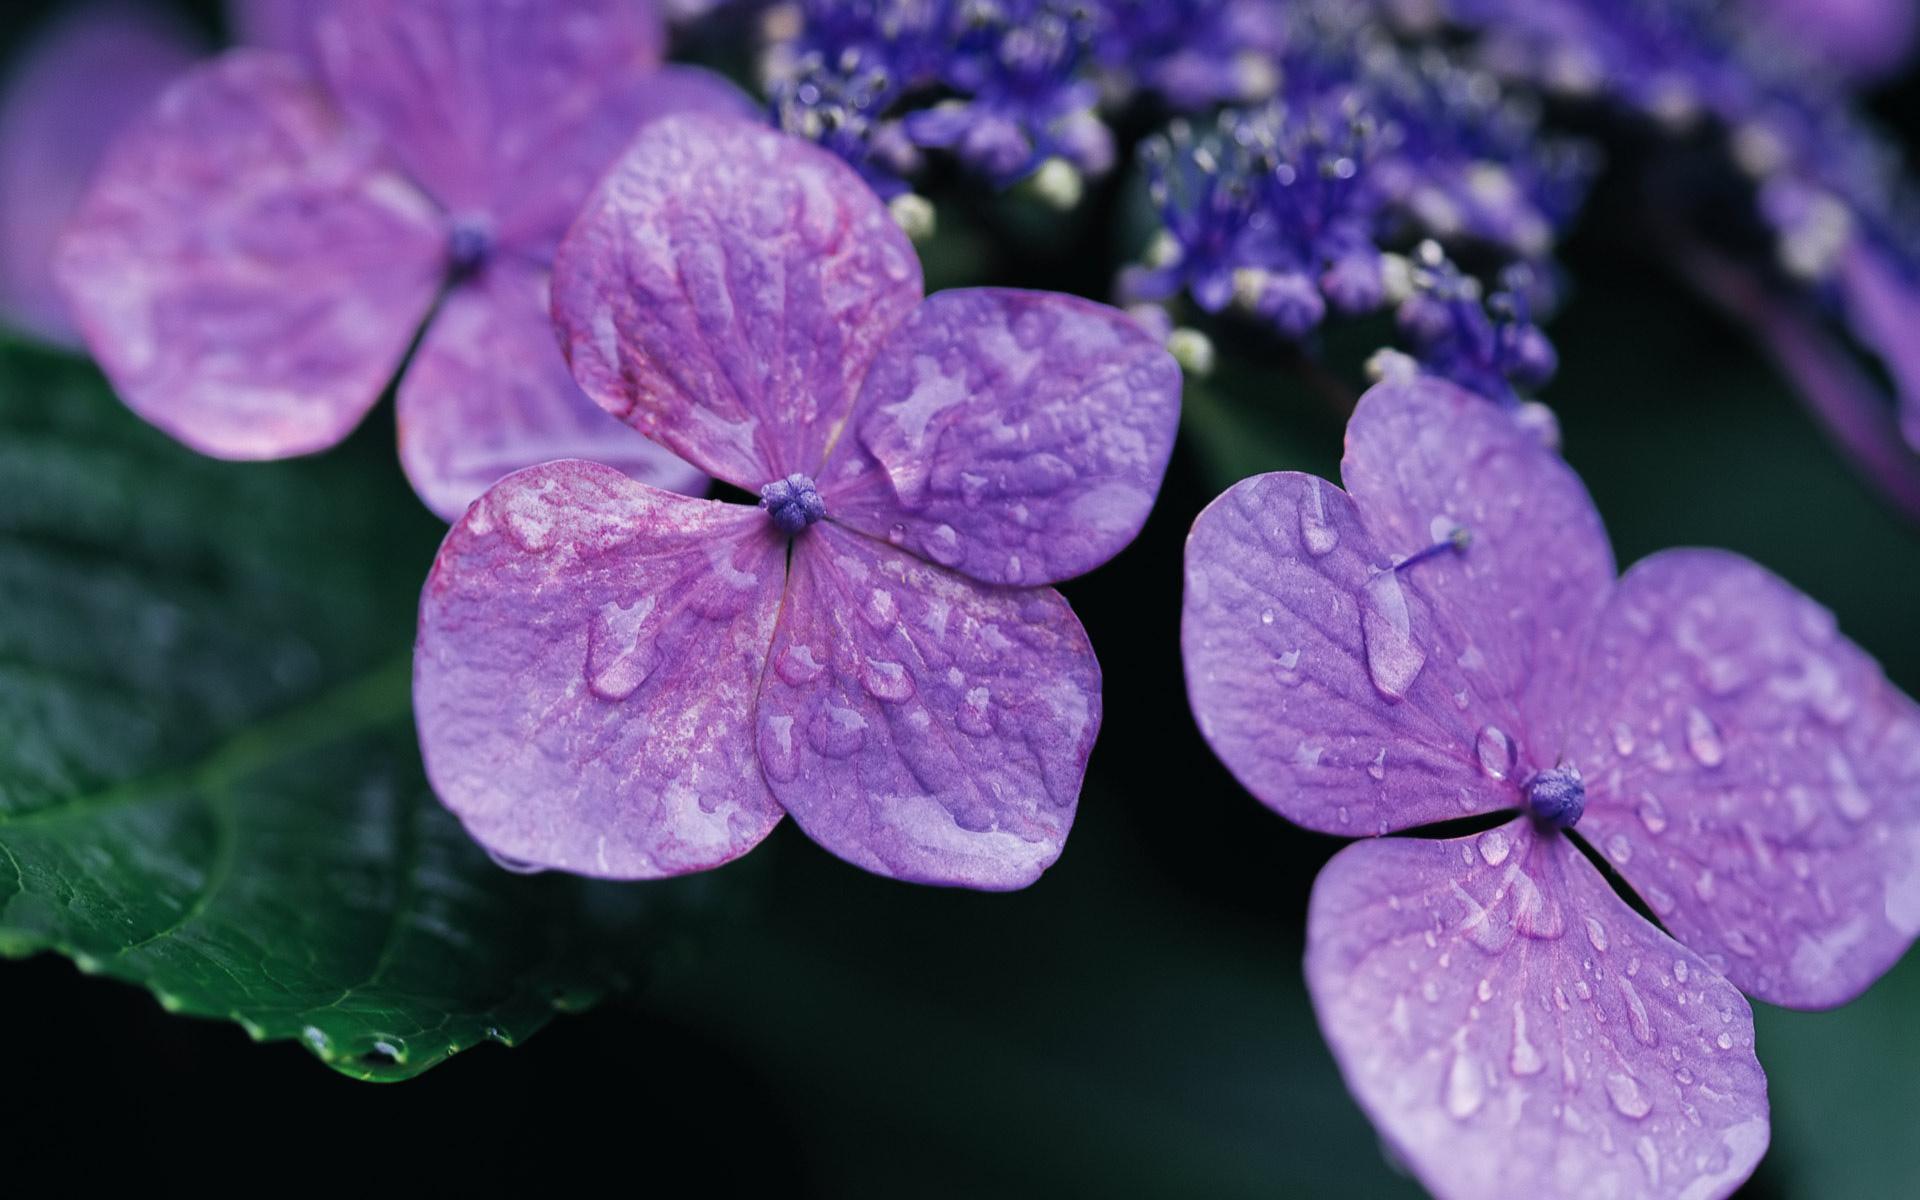 Kristen Stewart Cute Wallpapers Lilac Backgrounds Hd Desktop Wallpapers 4k Hd